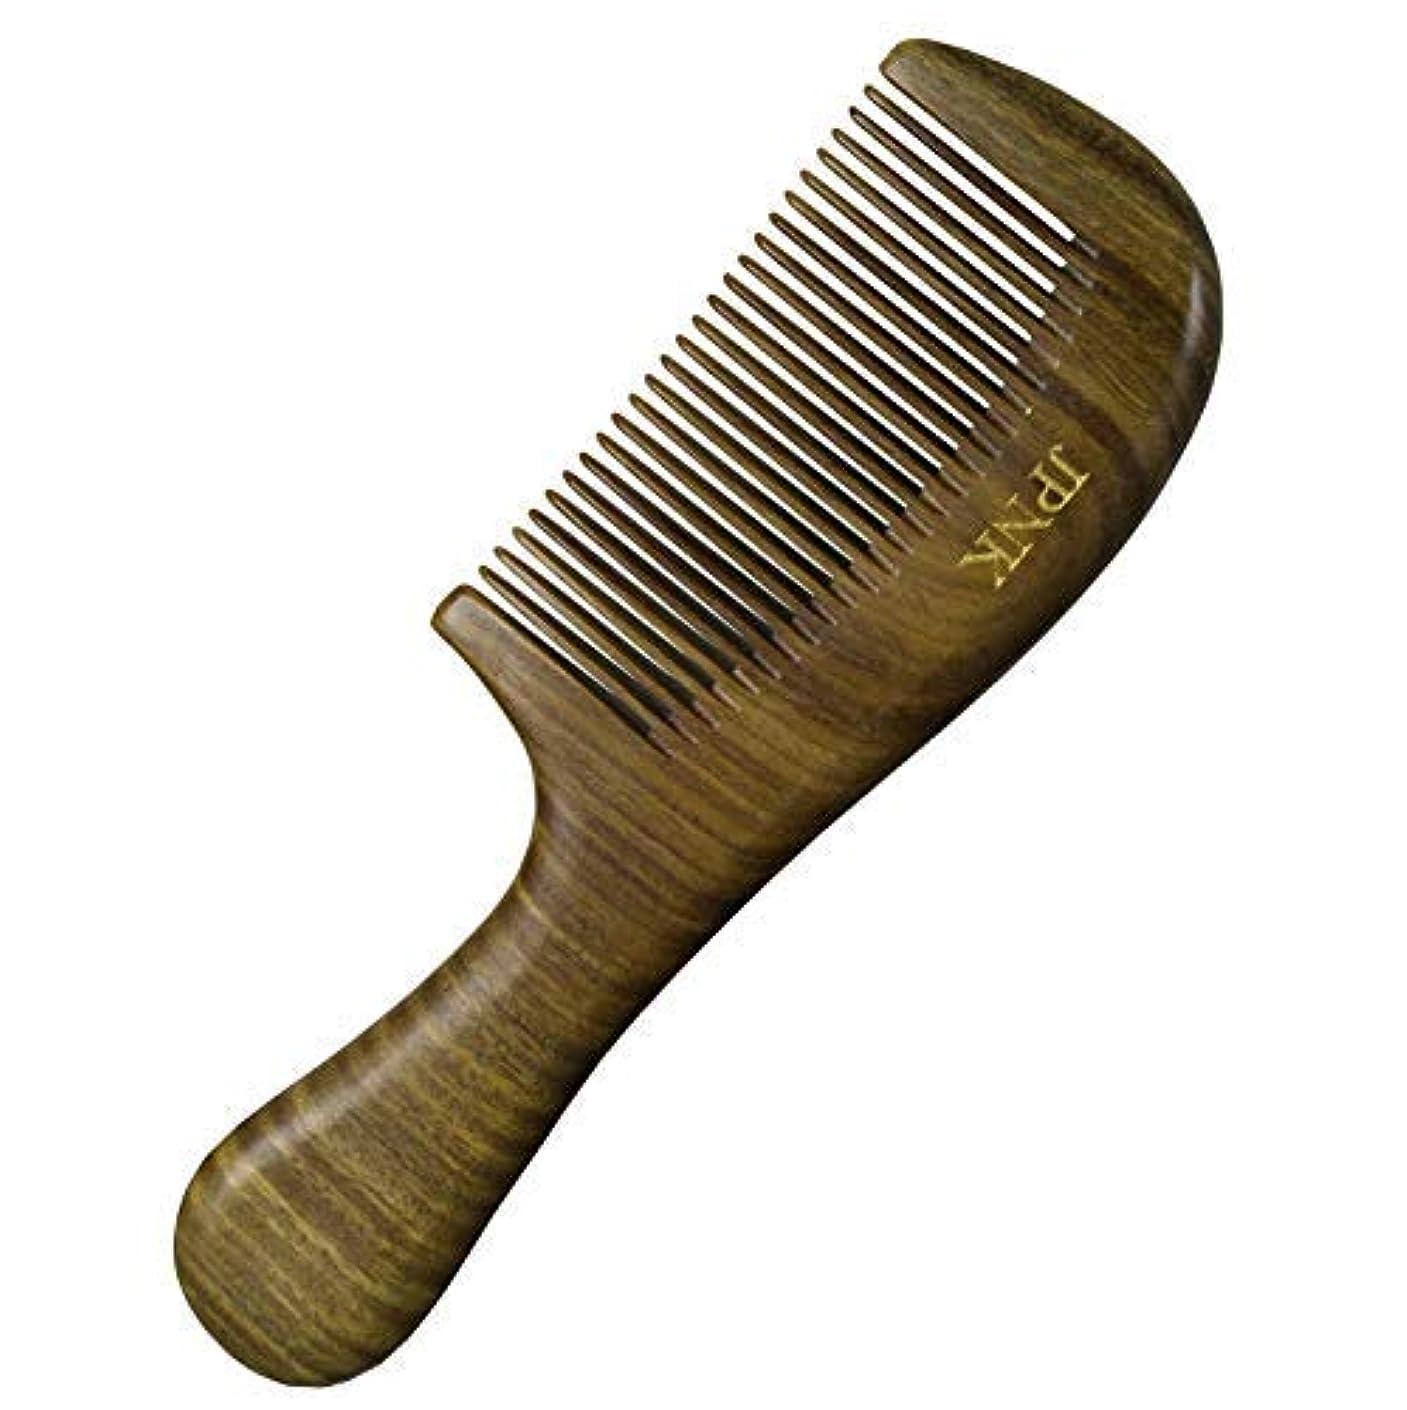 華氏ボルトテロリストJPNK Anti-Static Sandalwood Scent Natural Hair Detangler Wooden Comb [並行輸入品]